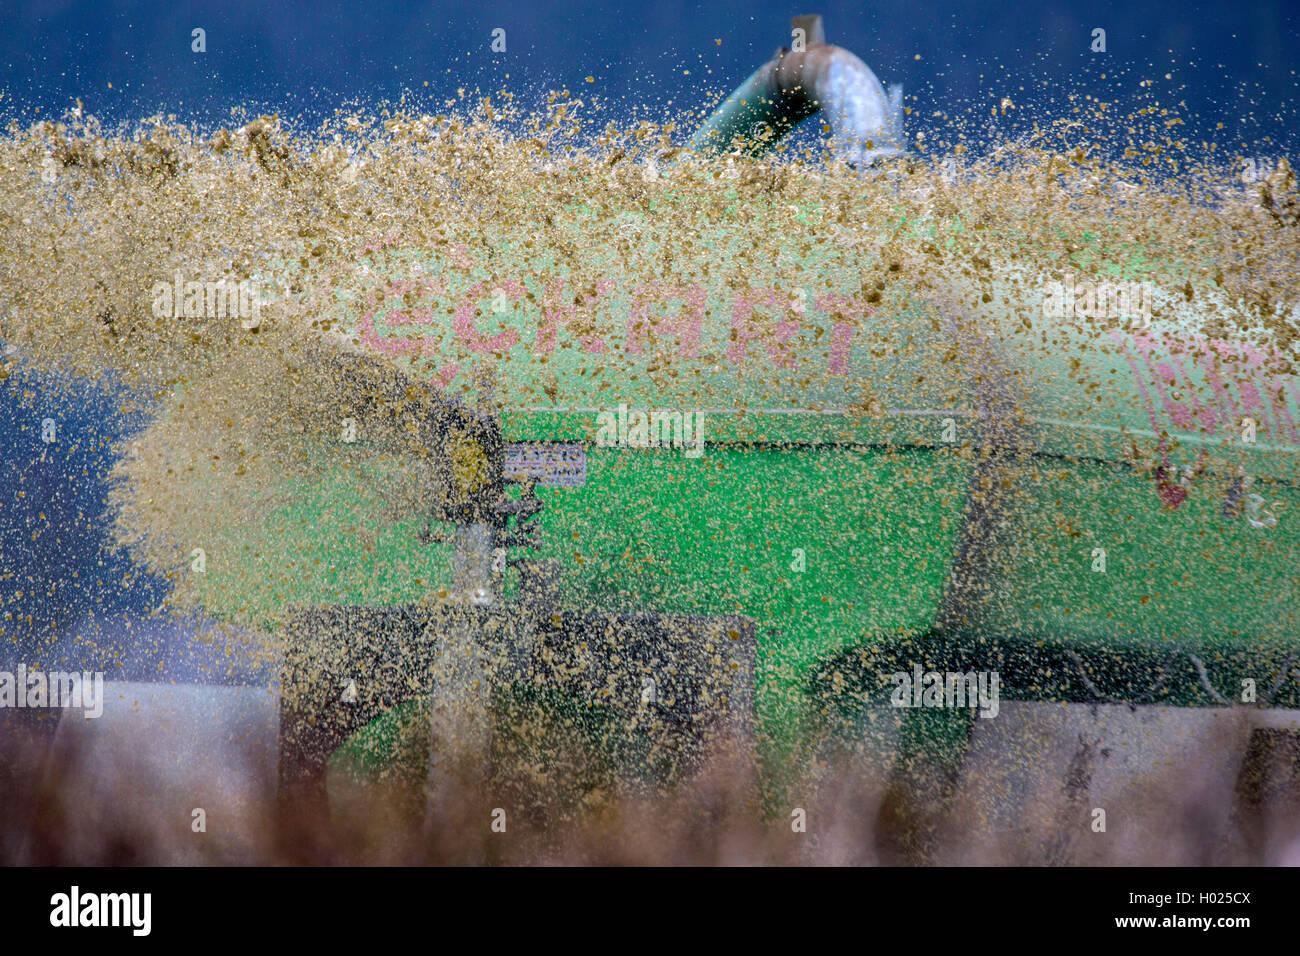 Guelle wird verspritzt, Deutschland, Bayern, Oberbayern | application of liquid manure, Germany, Bavaria, Oberbayern, - Stock Image